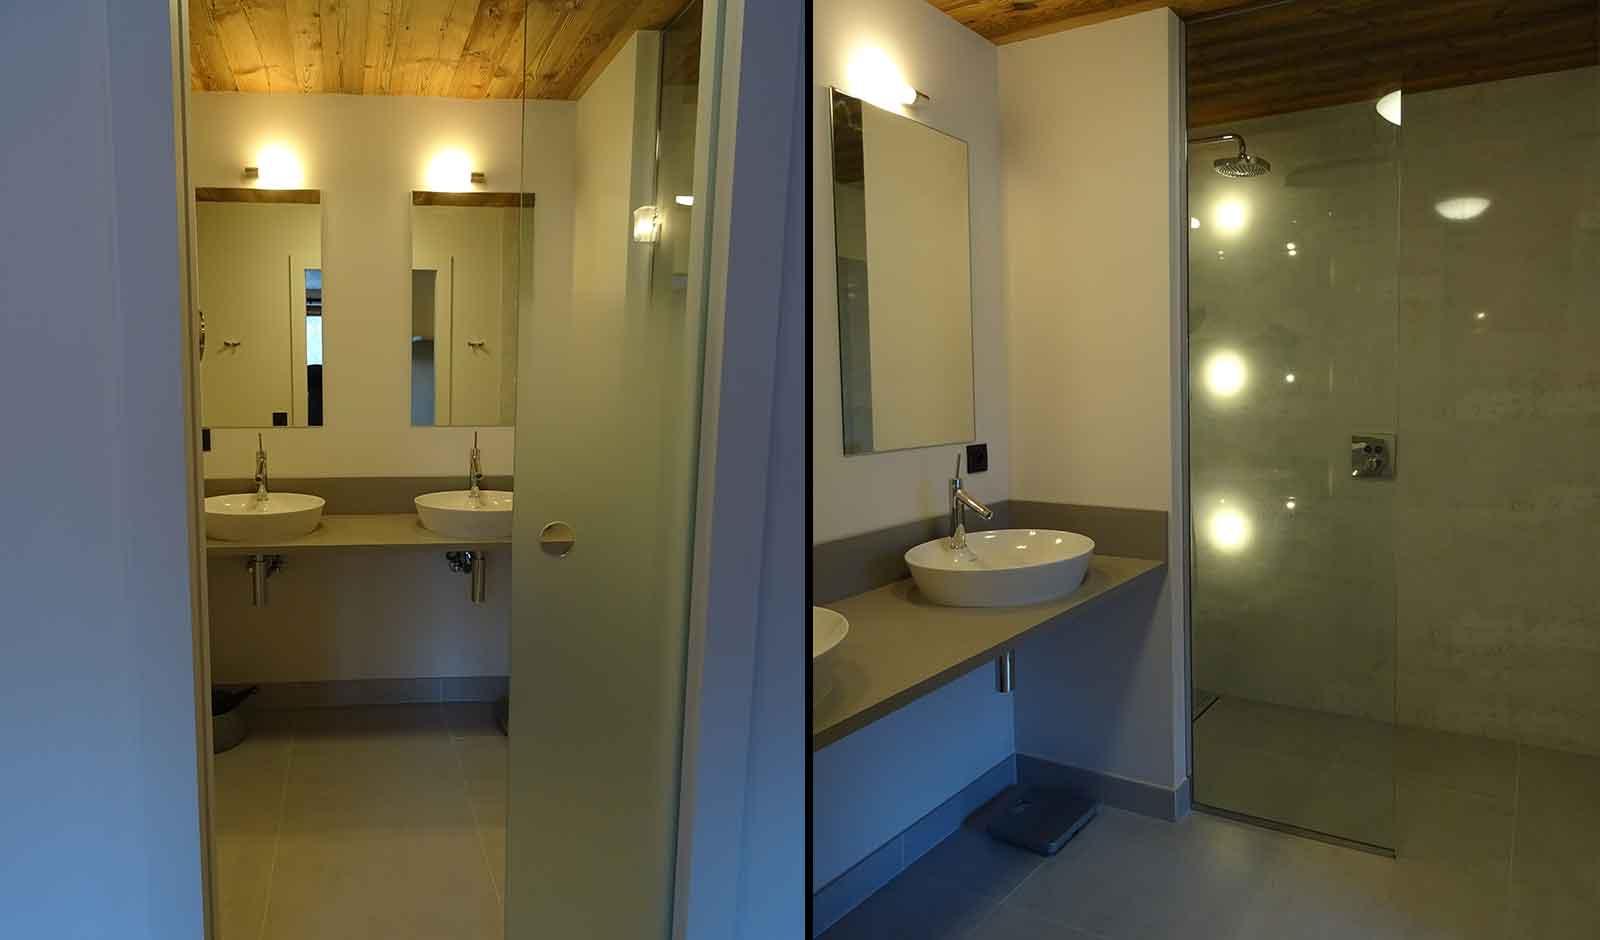 chalet-charlie-9-atelier-crea-and-co-architecte-design-project-manager-meribel-savoie